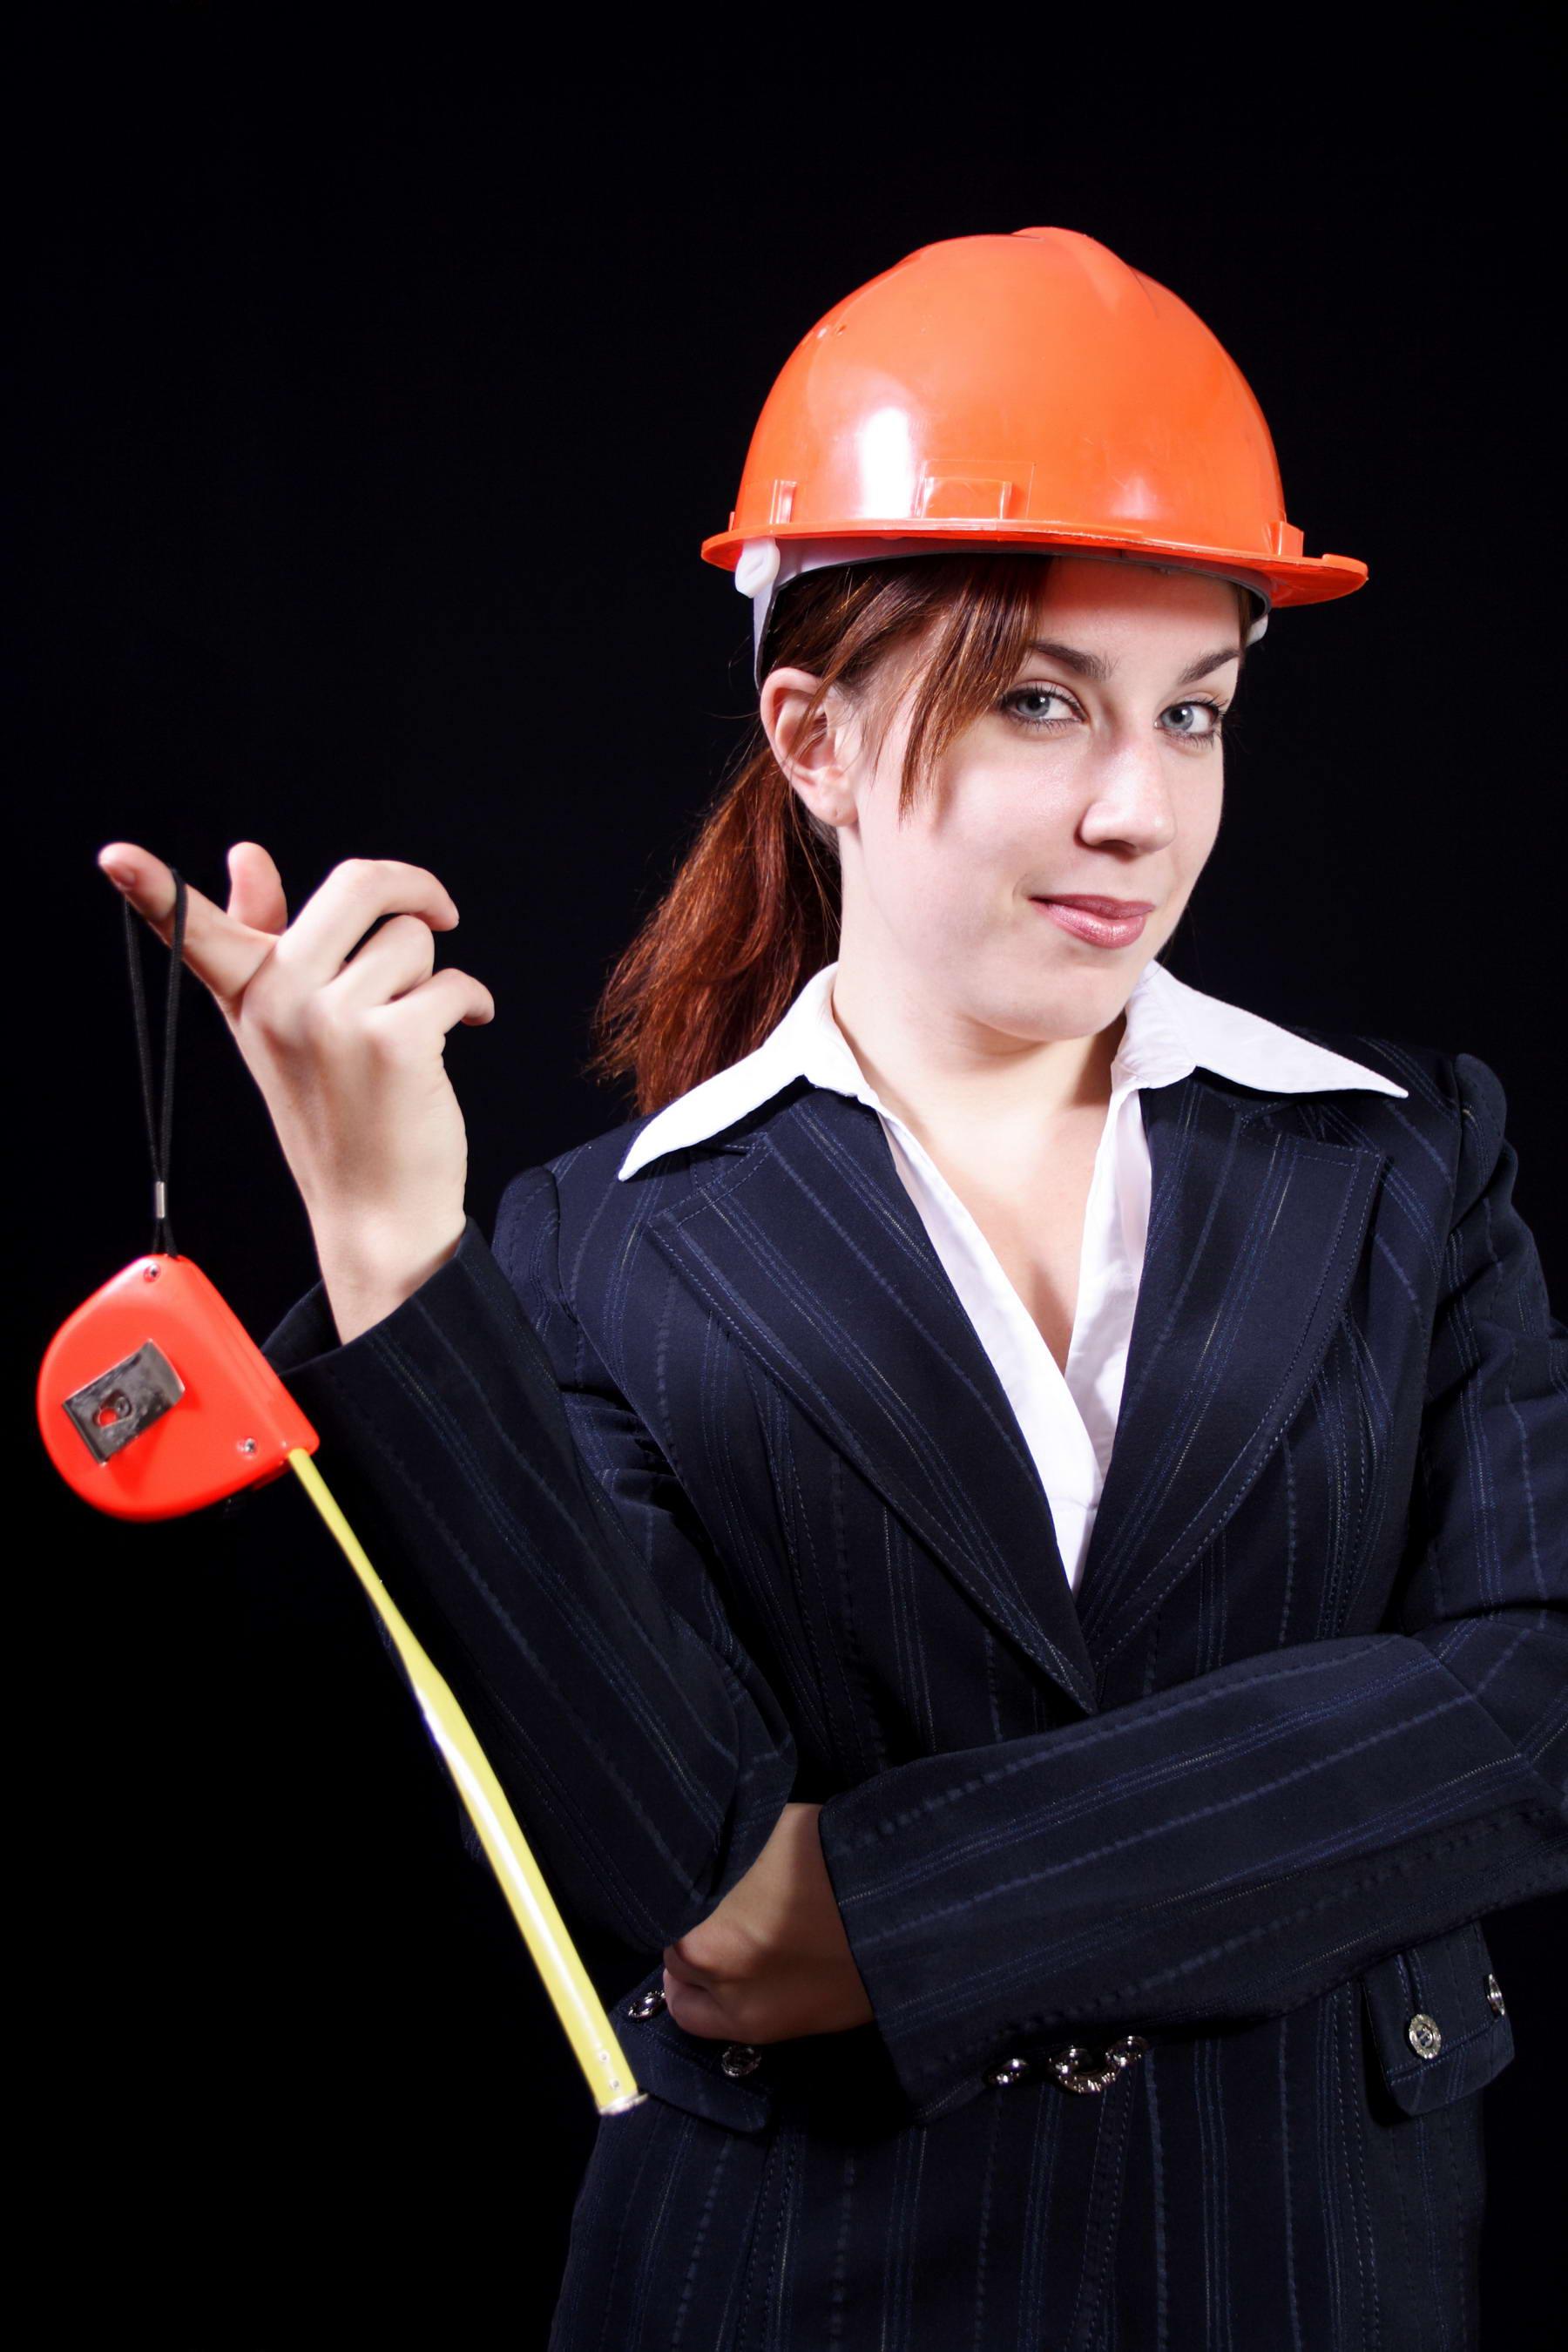 девушка строитель в каске с рулеткой, скачать фото, обои для рабочего стола